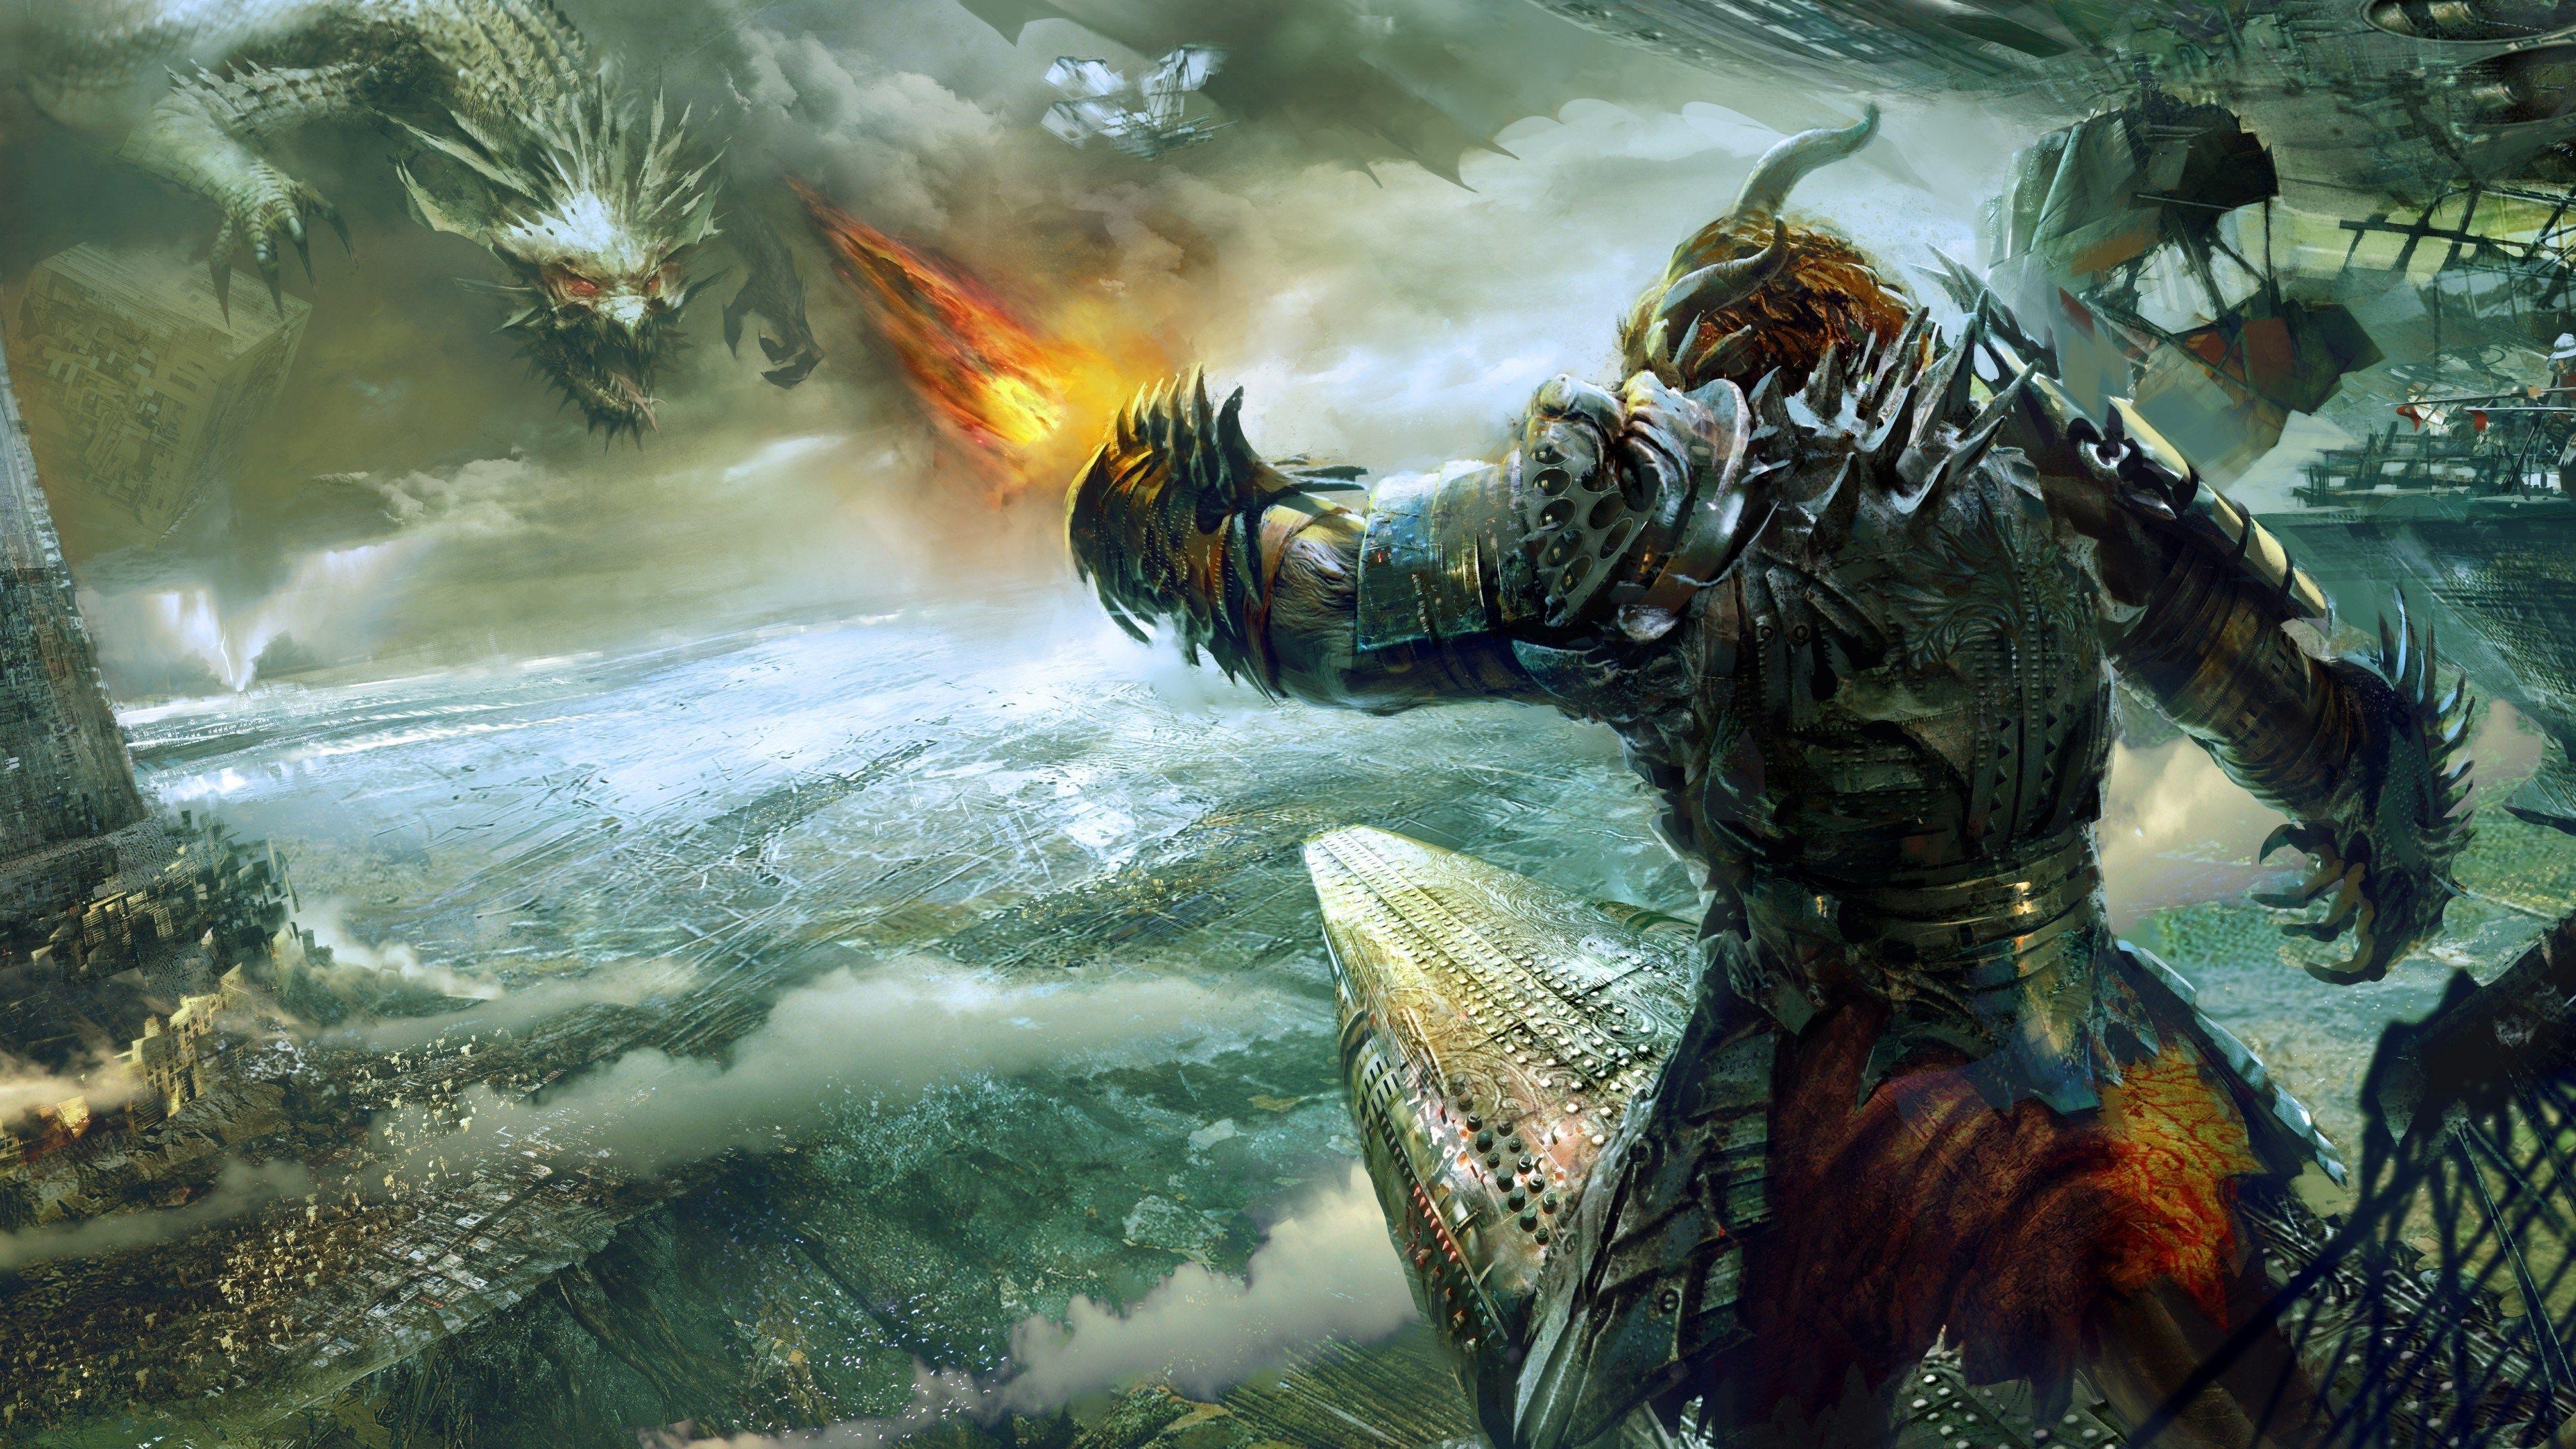 4k Guild Wars 2 3840x2160